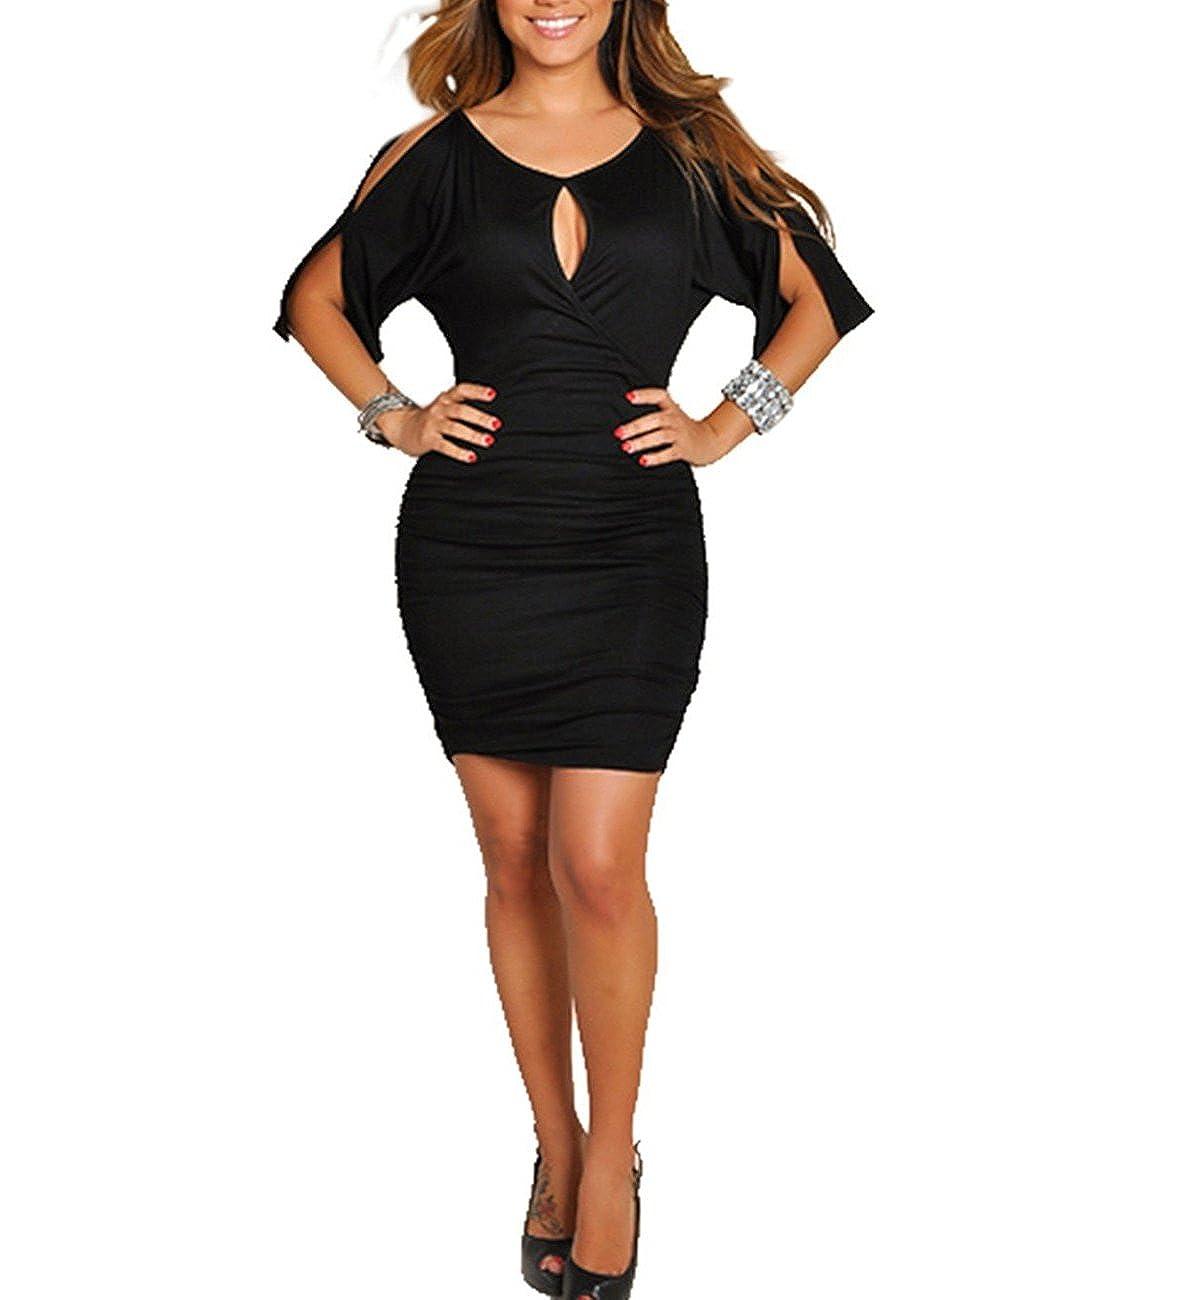 e40e9e181ee Top 10 wholesale Little Black Dress Cut Out Sides - Chinabrands.com